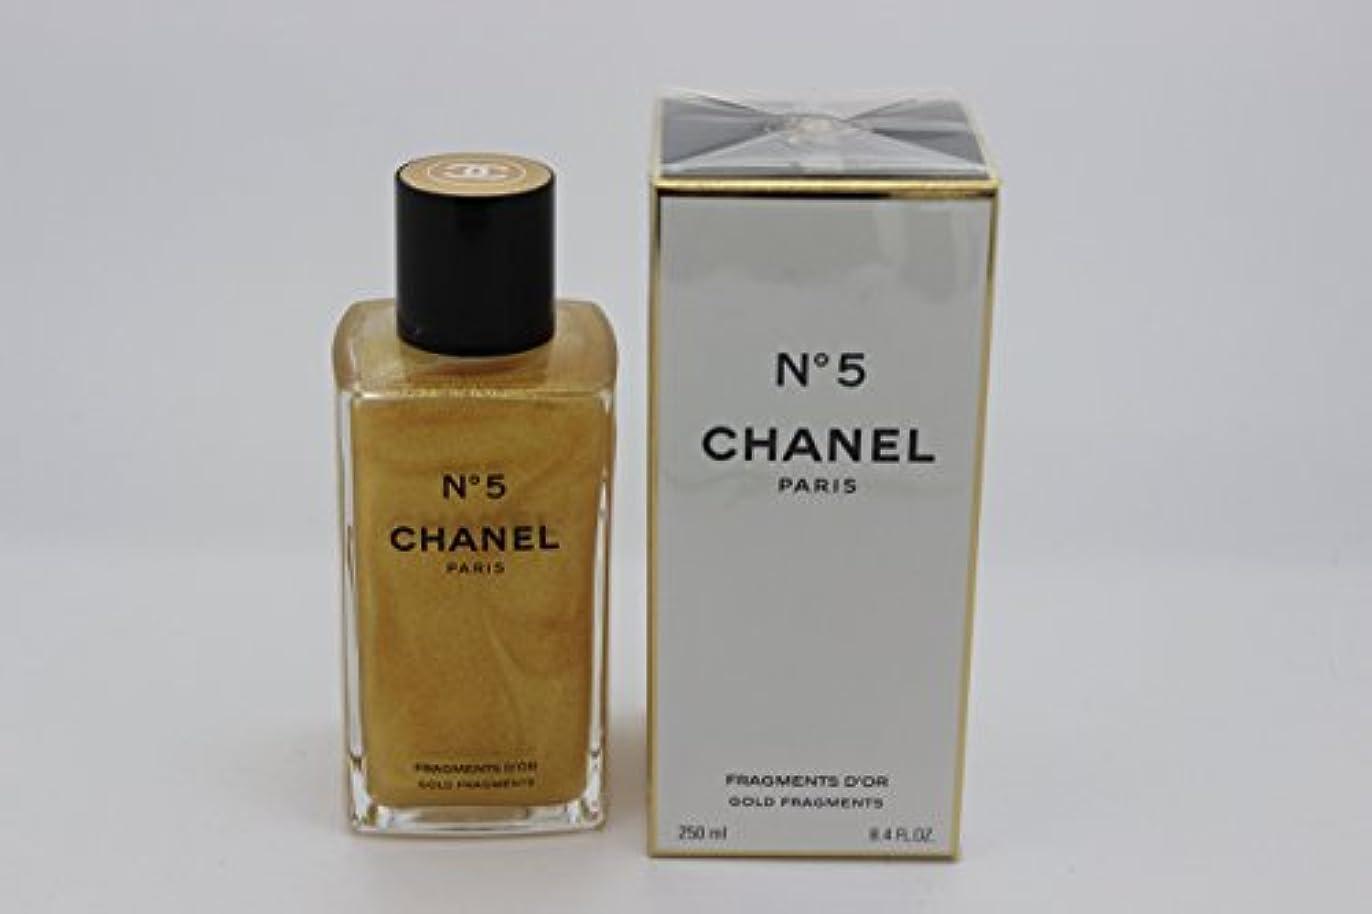 ベテラン修正する道徳教育Chanel No. 5 (シャネル No. 5) 8.4 oz (252ml) Gold Fragments Shimmering Body Gel for Women